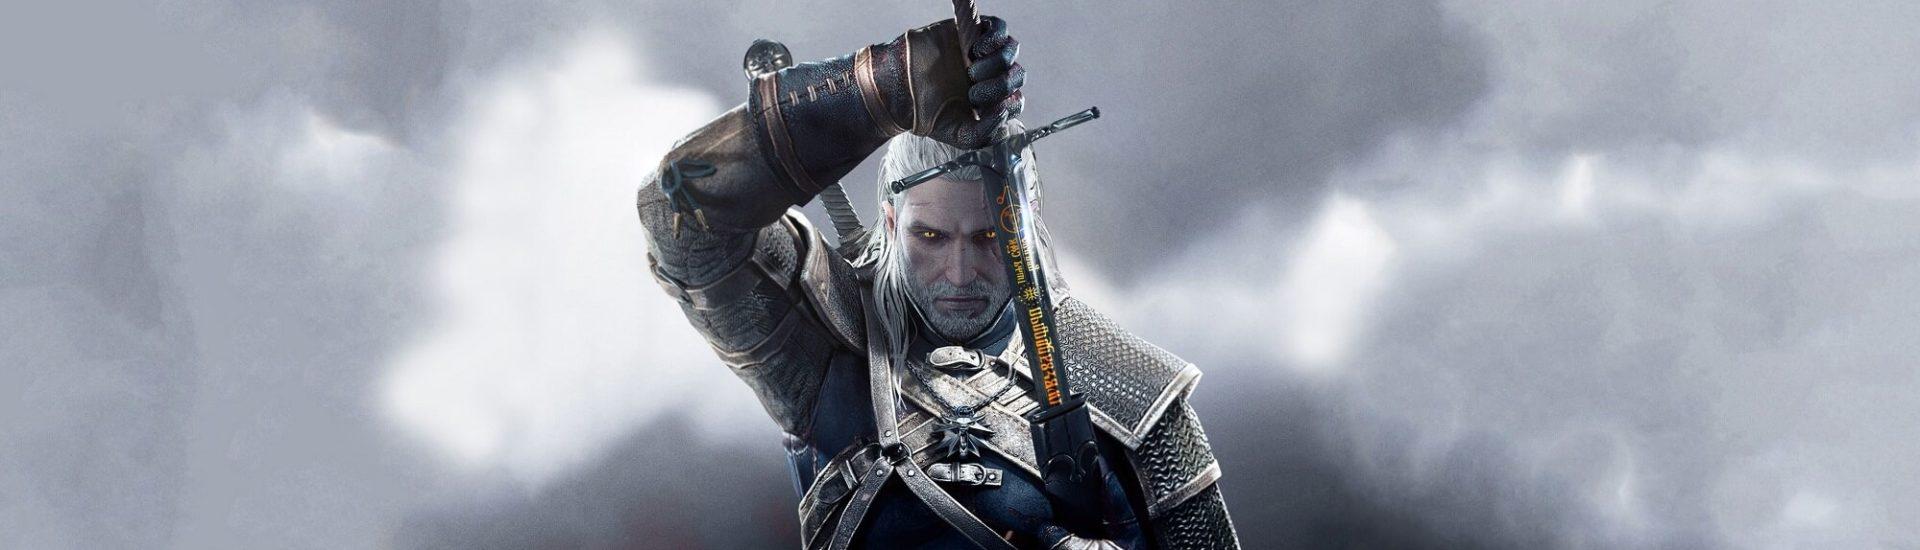 The Witcher 3: Auch PC-Spieler erhalten die Next-Gen-Version